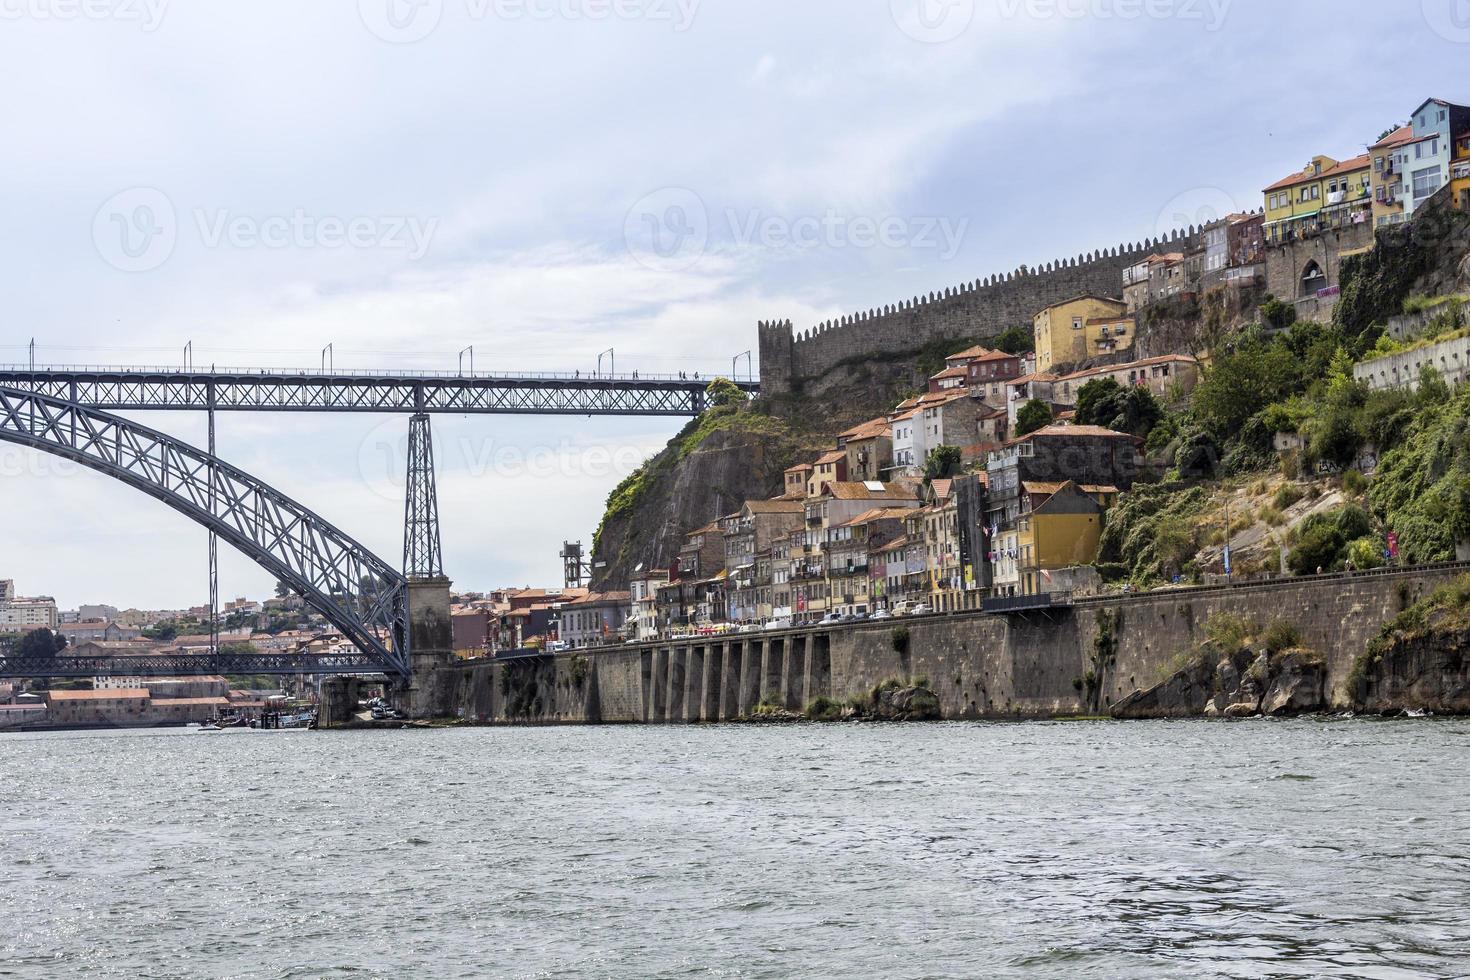 uitzicht op de oude binnenstad en dom luiz brug, porto stadsgezicht foto